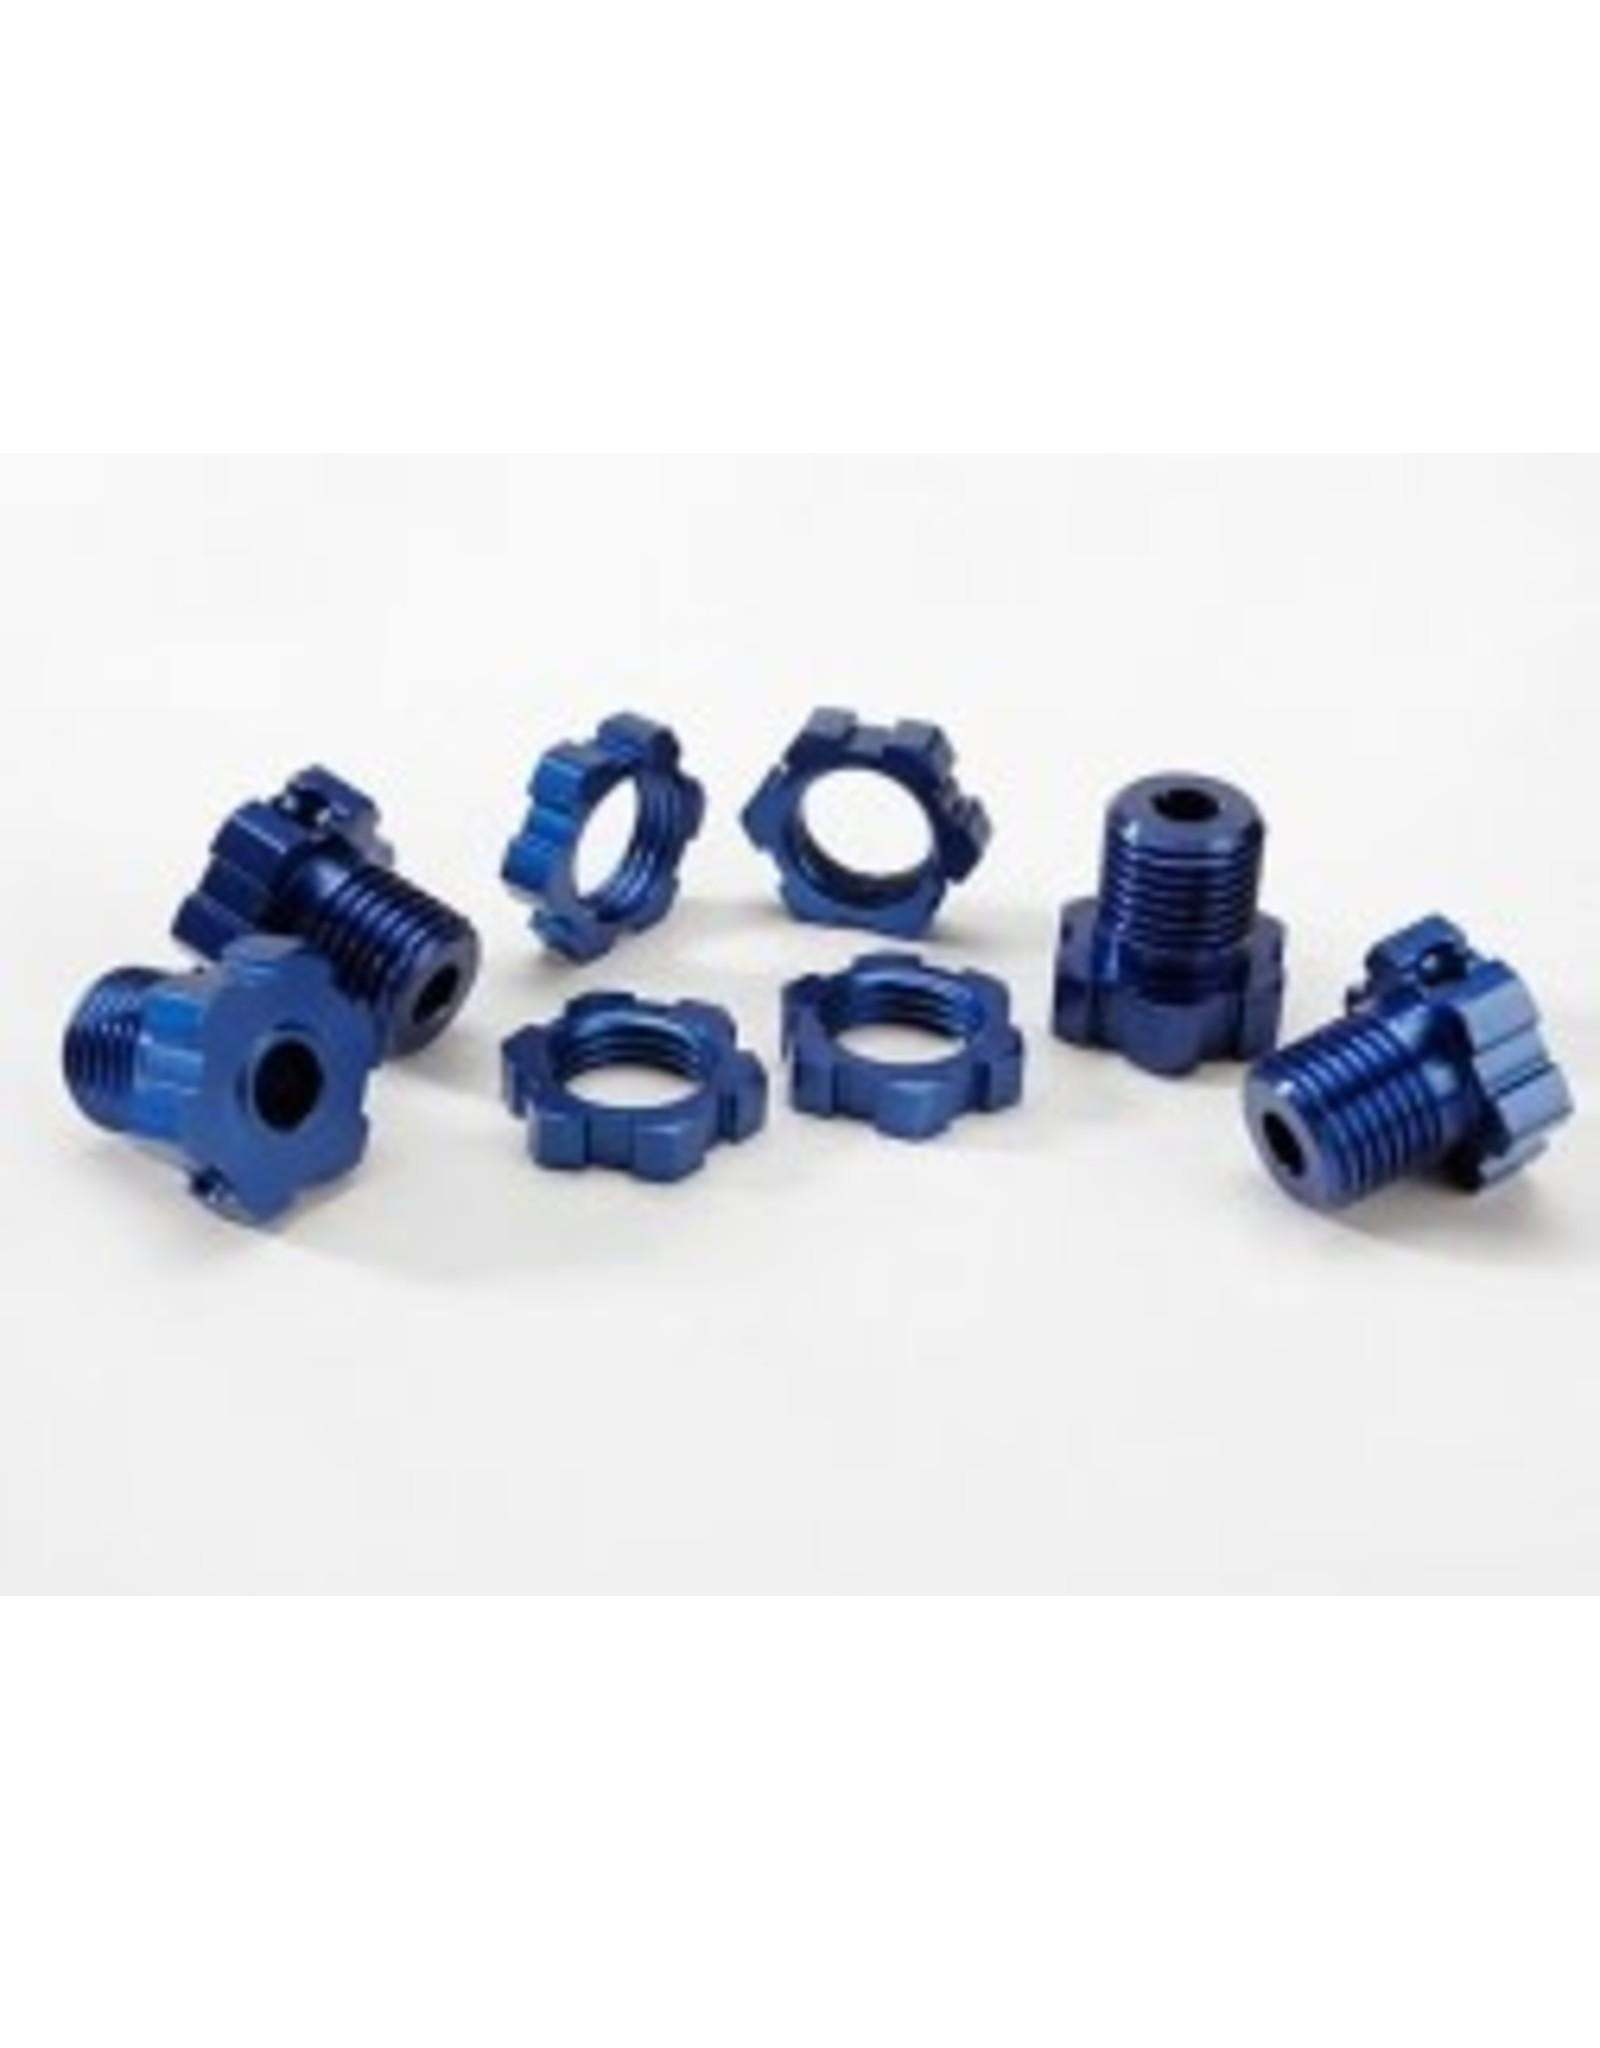 Traxxas 17mm Wheel Hubs Splined, Blue (4)  (TRA5353X)